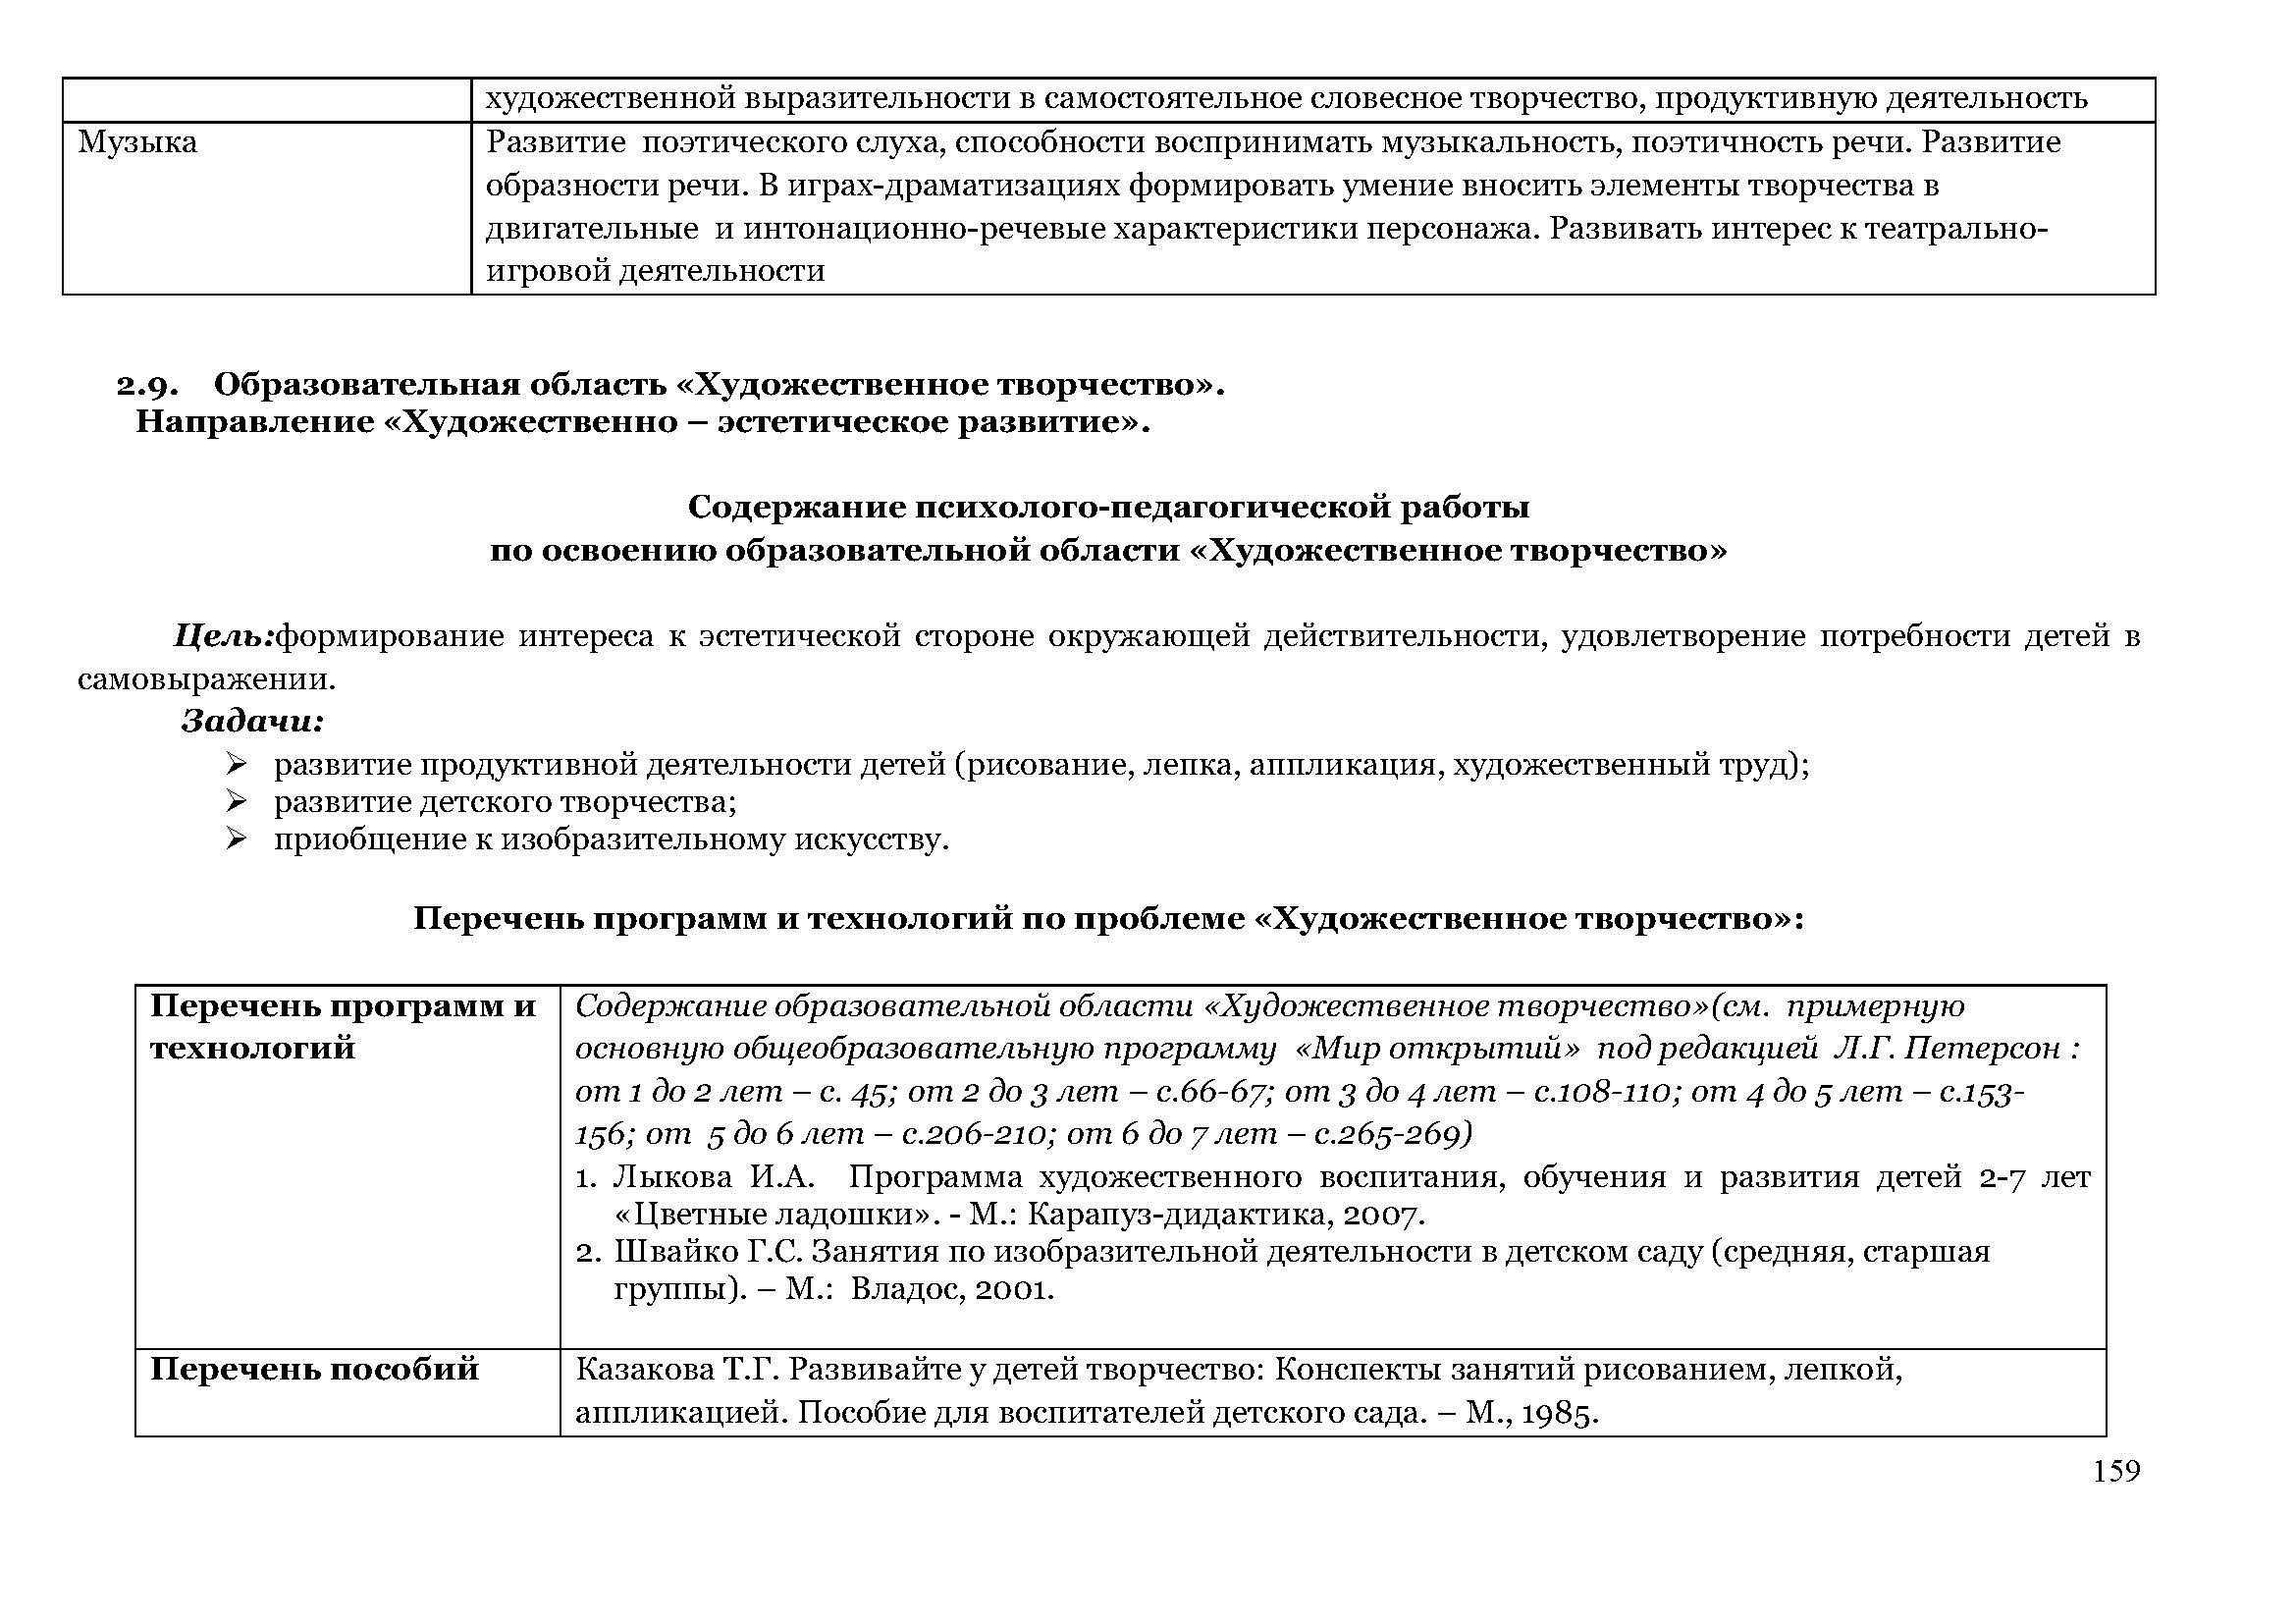 образовательная_программа_Страница_159